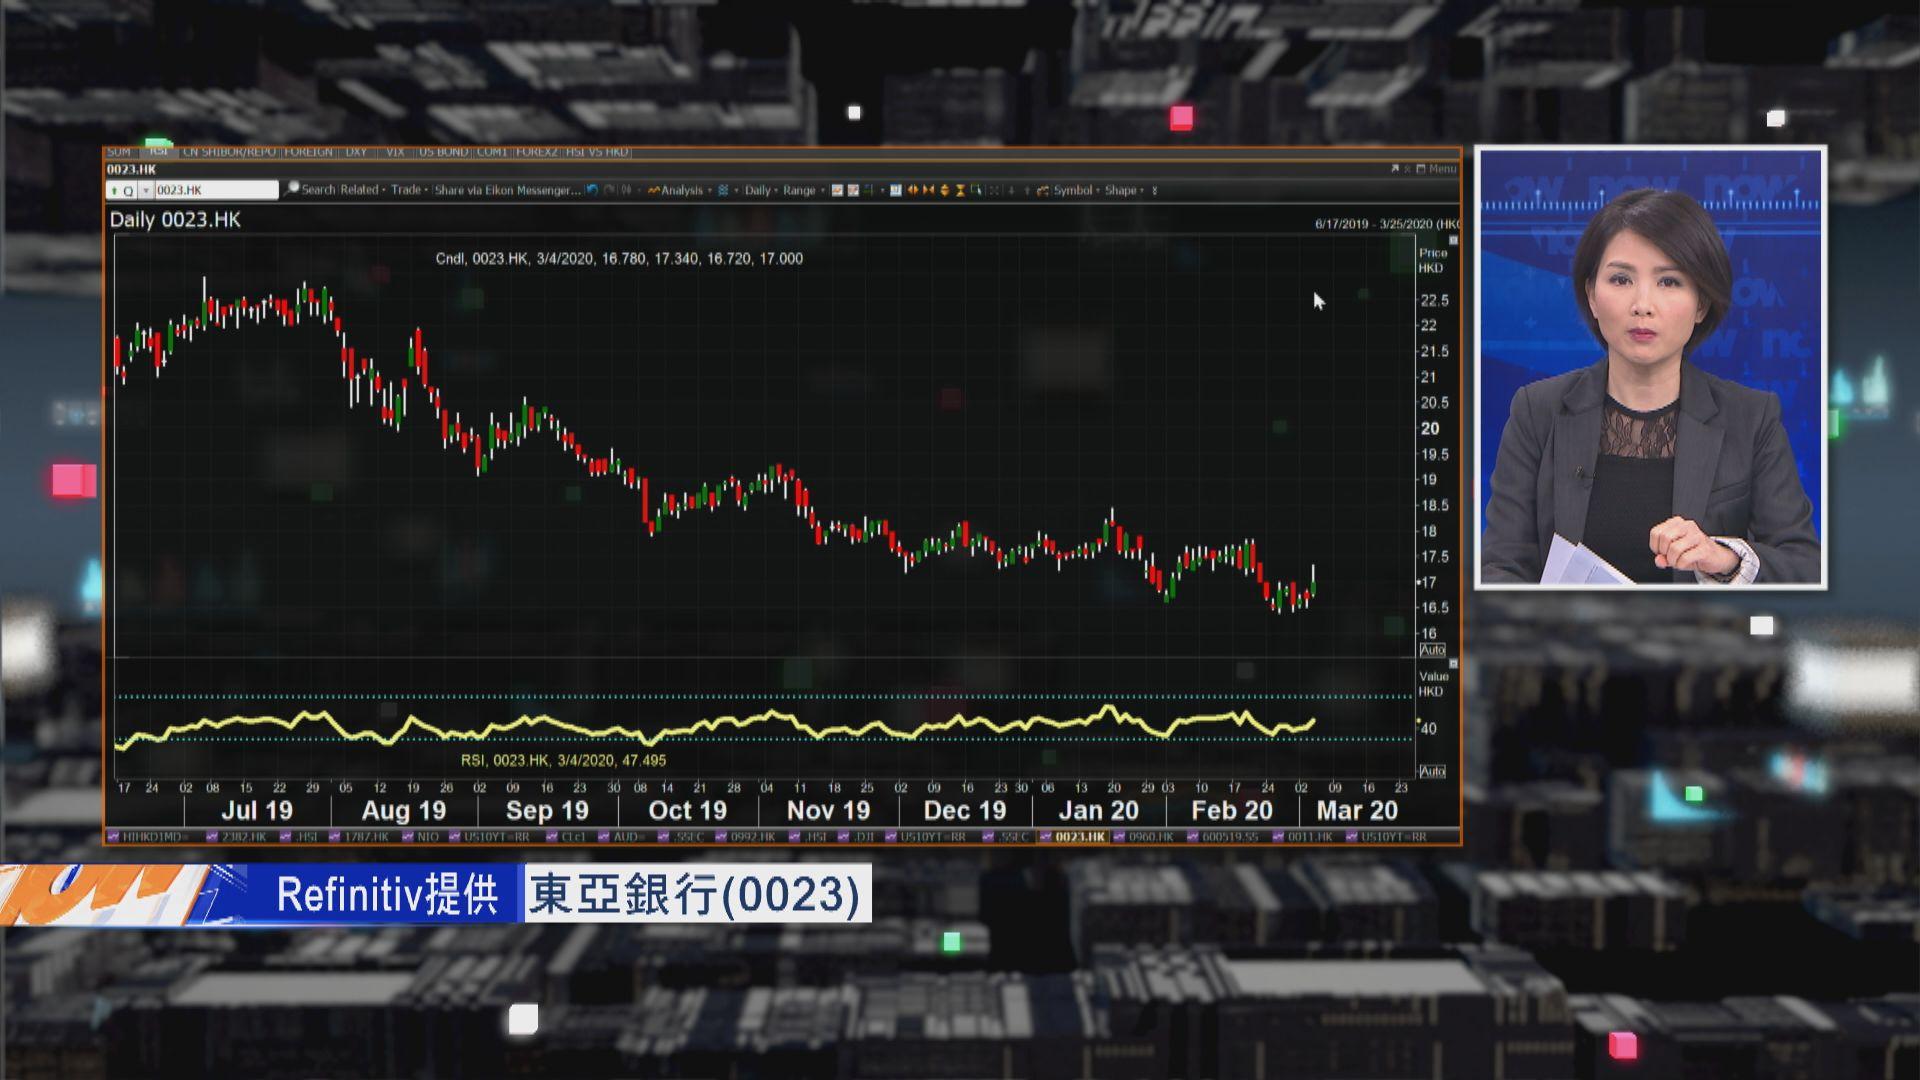 【財經TOP SEARCH】美減息銀行股受累 惟東亞逆市升